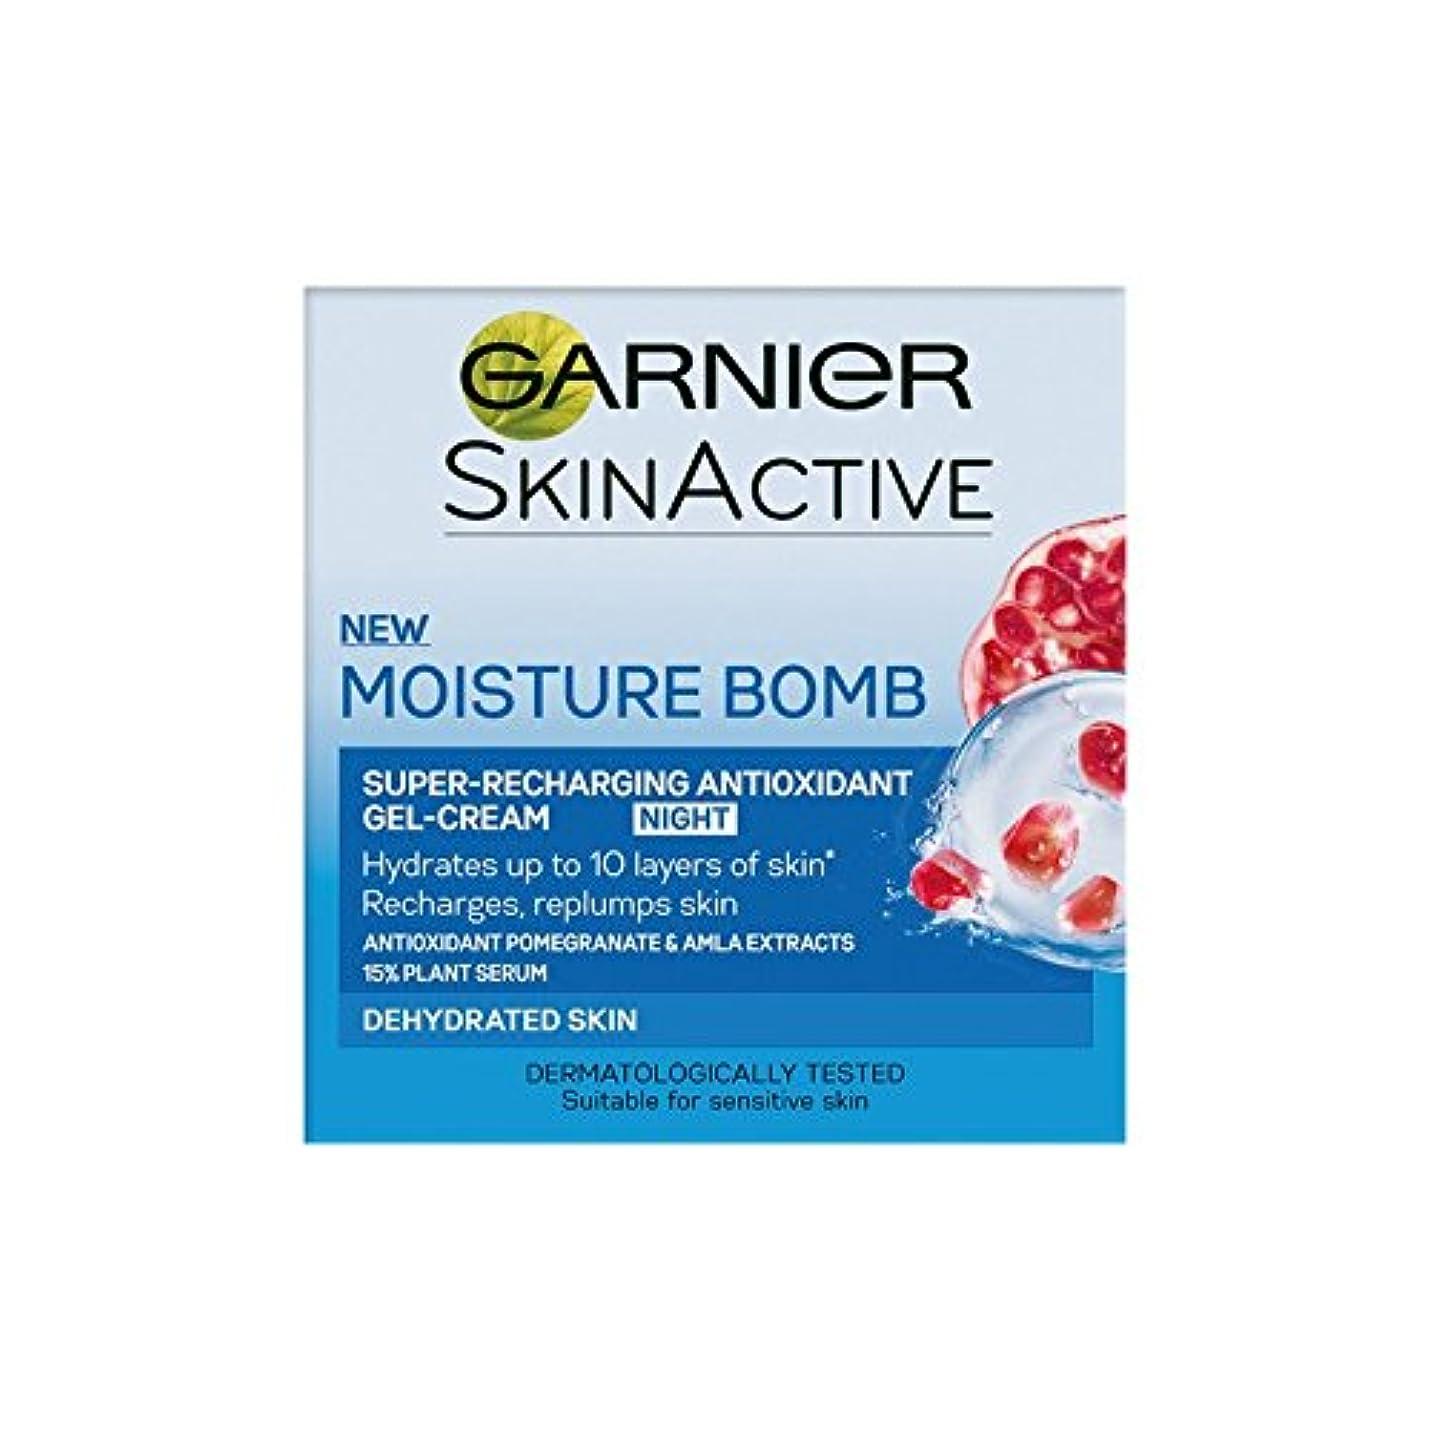 うねる行列変更可能ガルニエ水分爆弾超充電夜のゲルクリーム(50ミリリットル) x4 - Garnier Moisture Bomb Super-Recharging Night Gel-Cream (50ml) (Pack of 4) [...